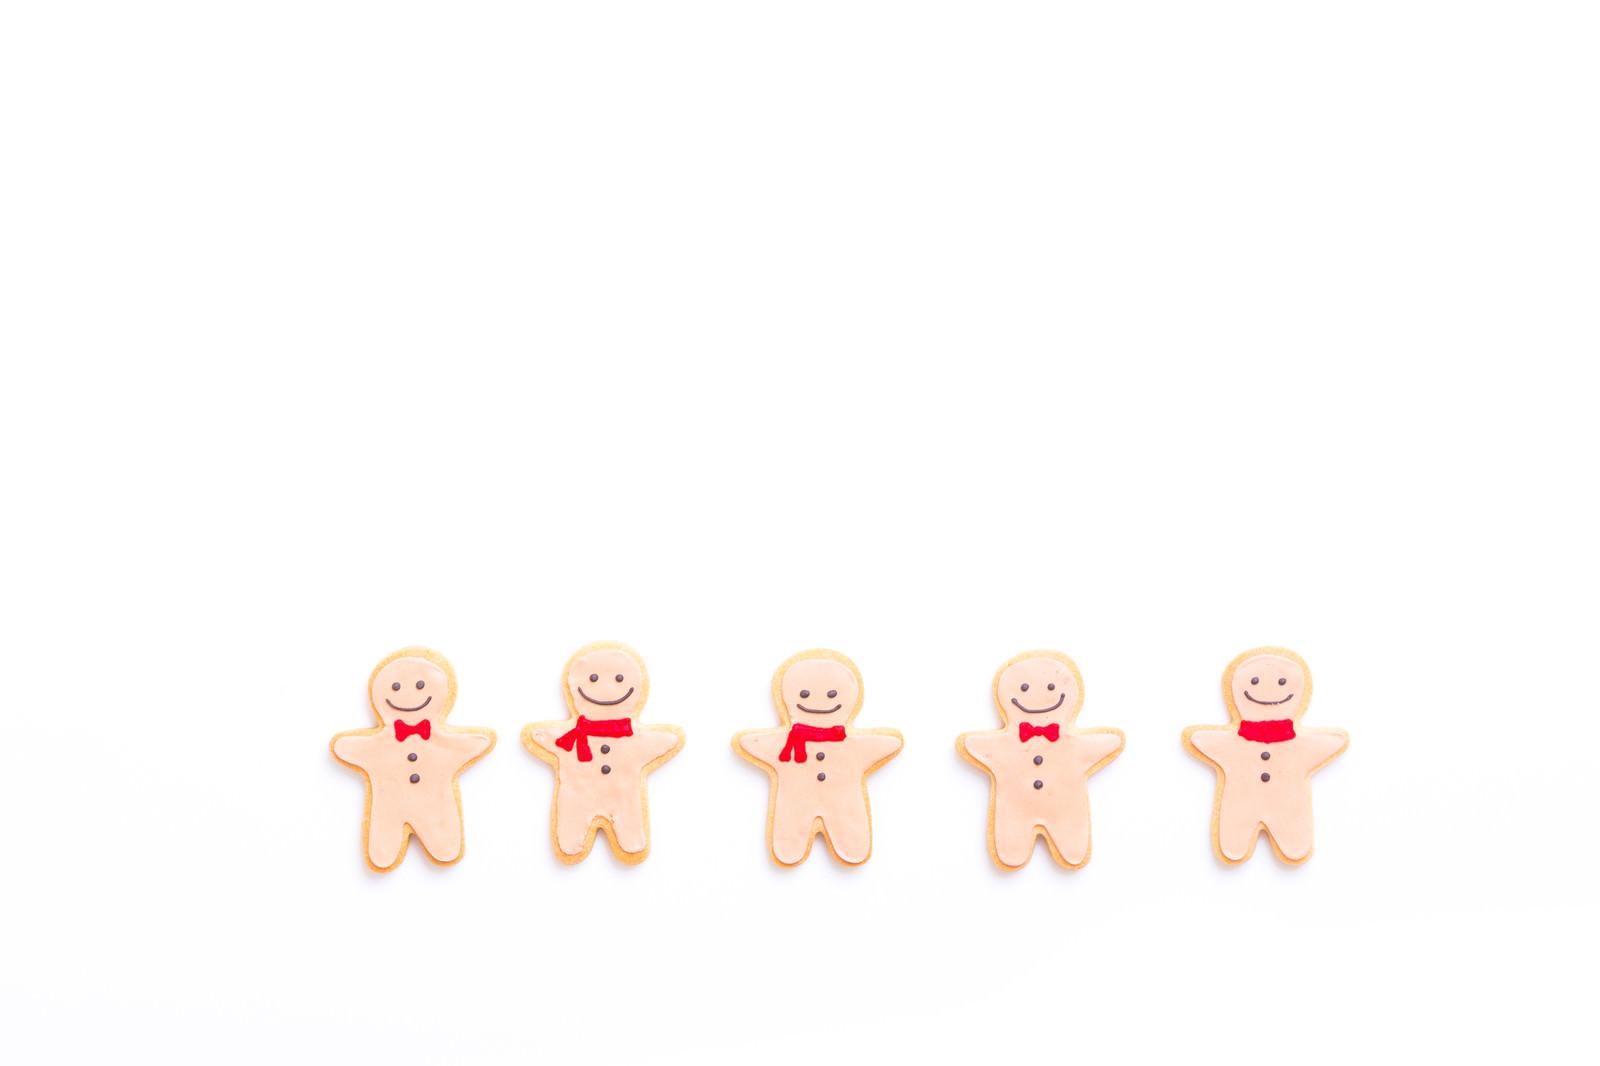 「5体揃ってニッコリスマイルクッキー」の写真